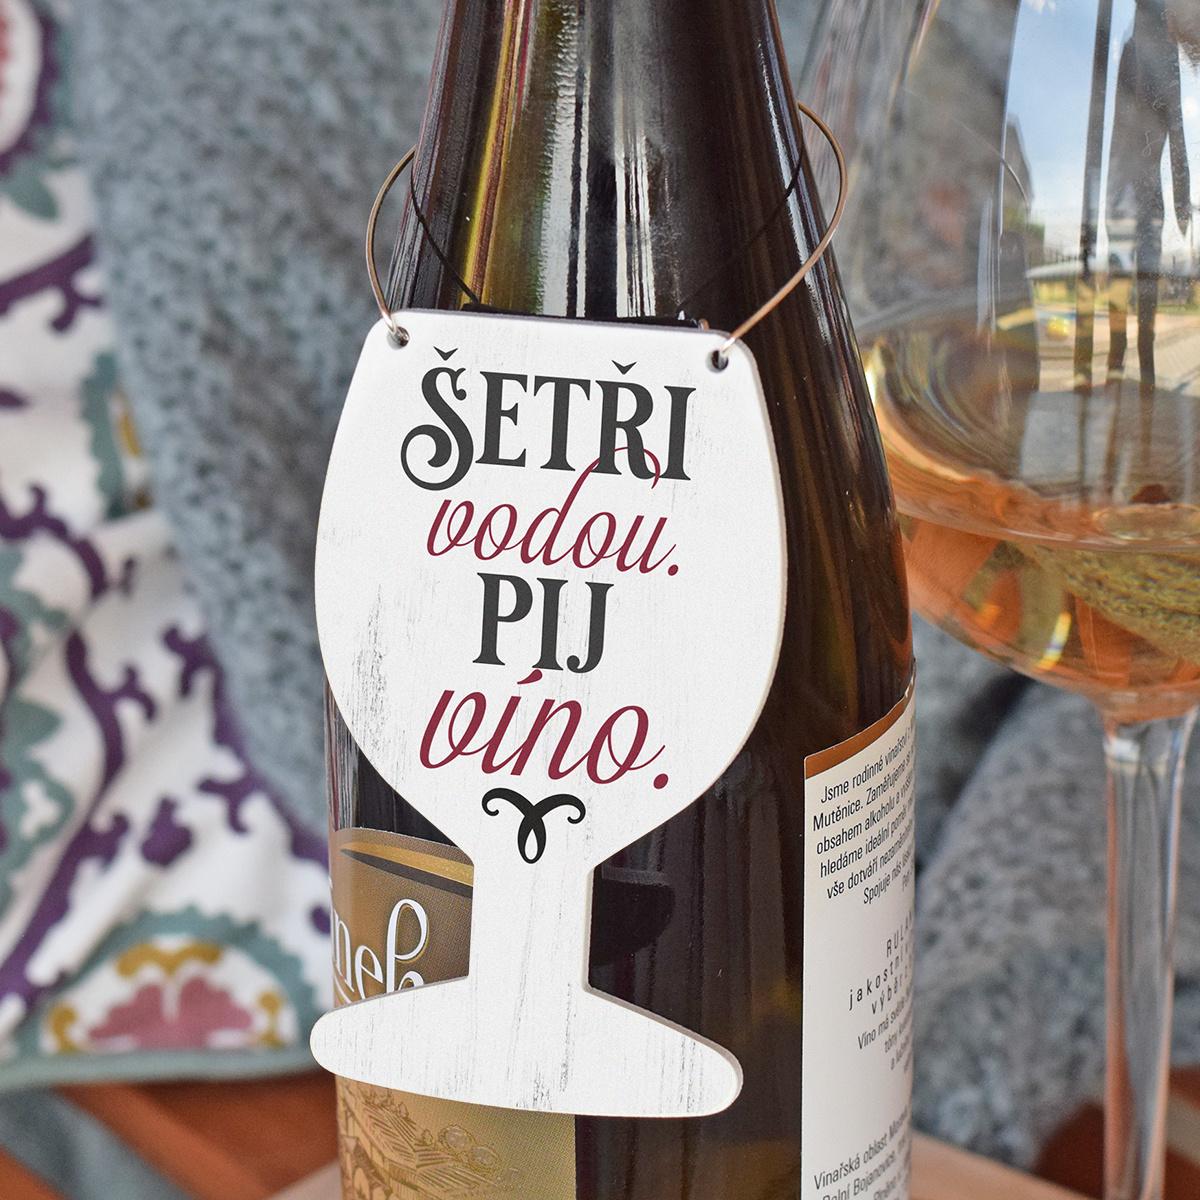 HOUSEDECOR Cedulka na víno - Šetři vodou. Pij víno.